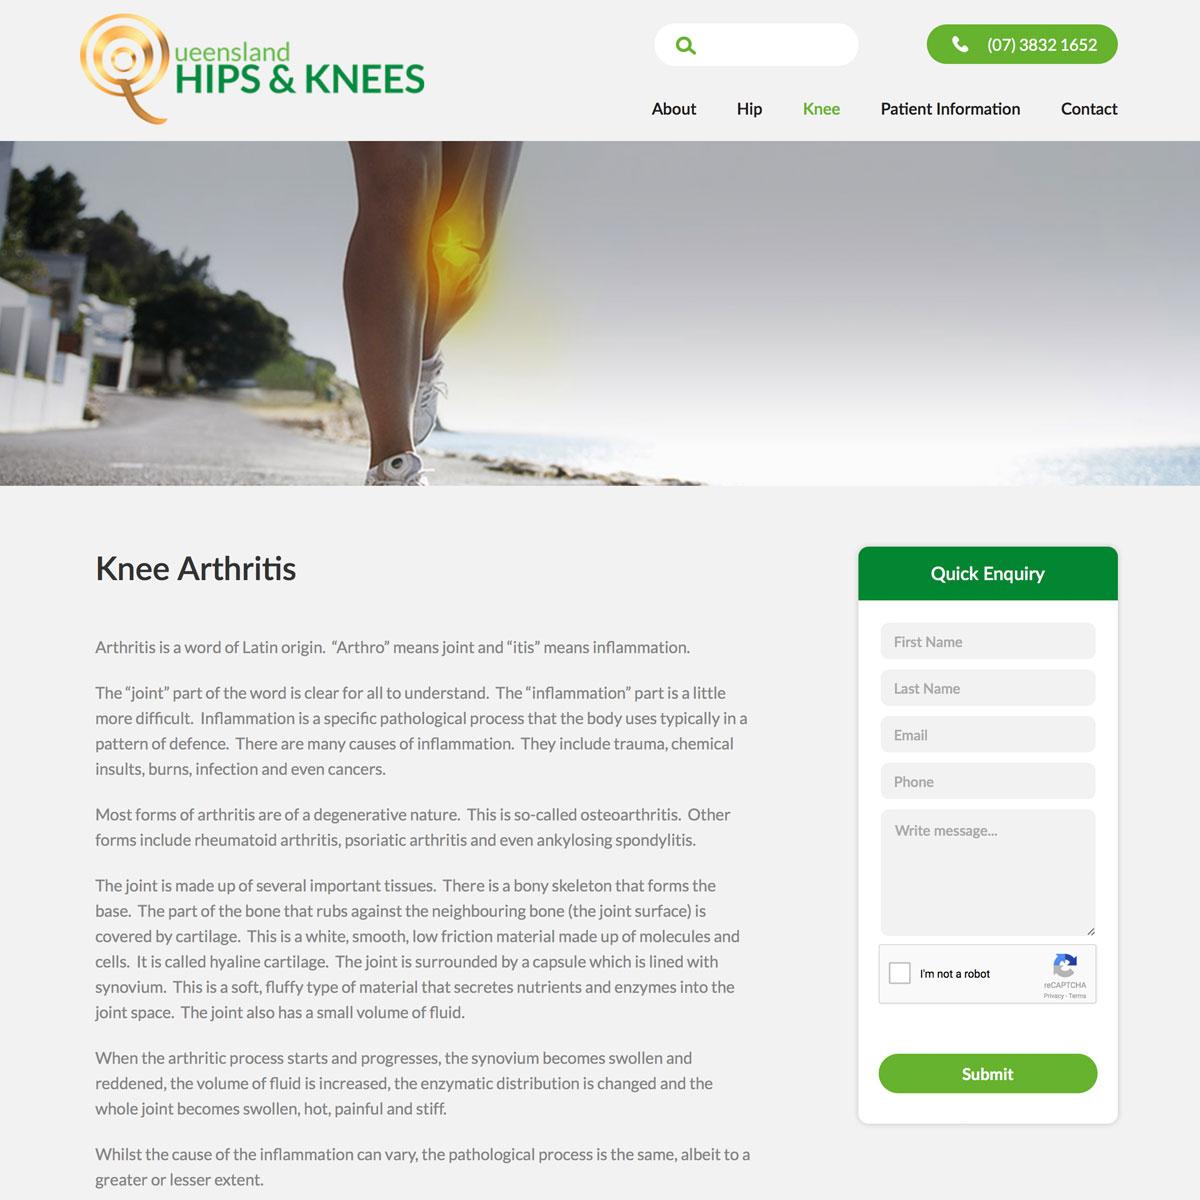 Queensland Hips and Knees - Knee